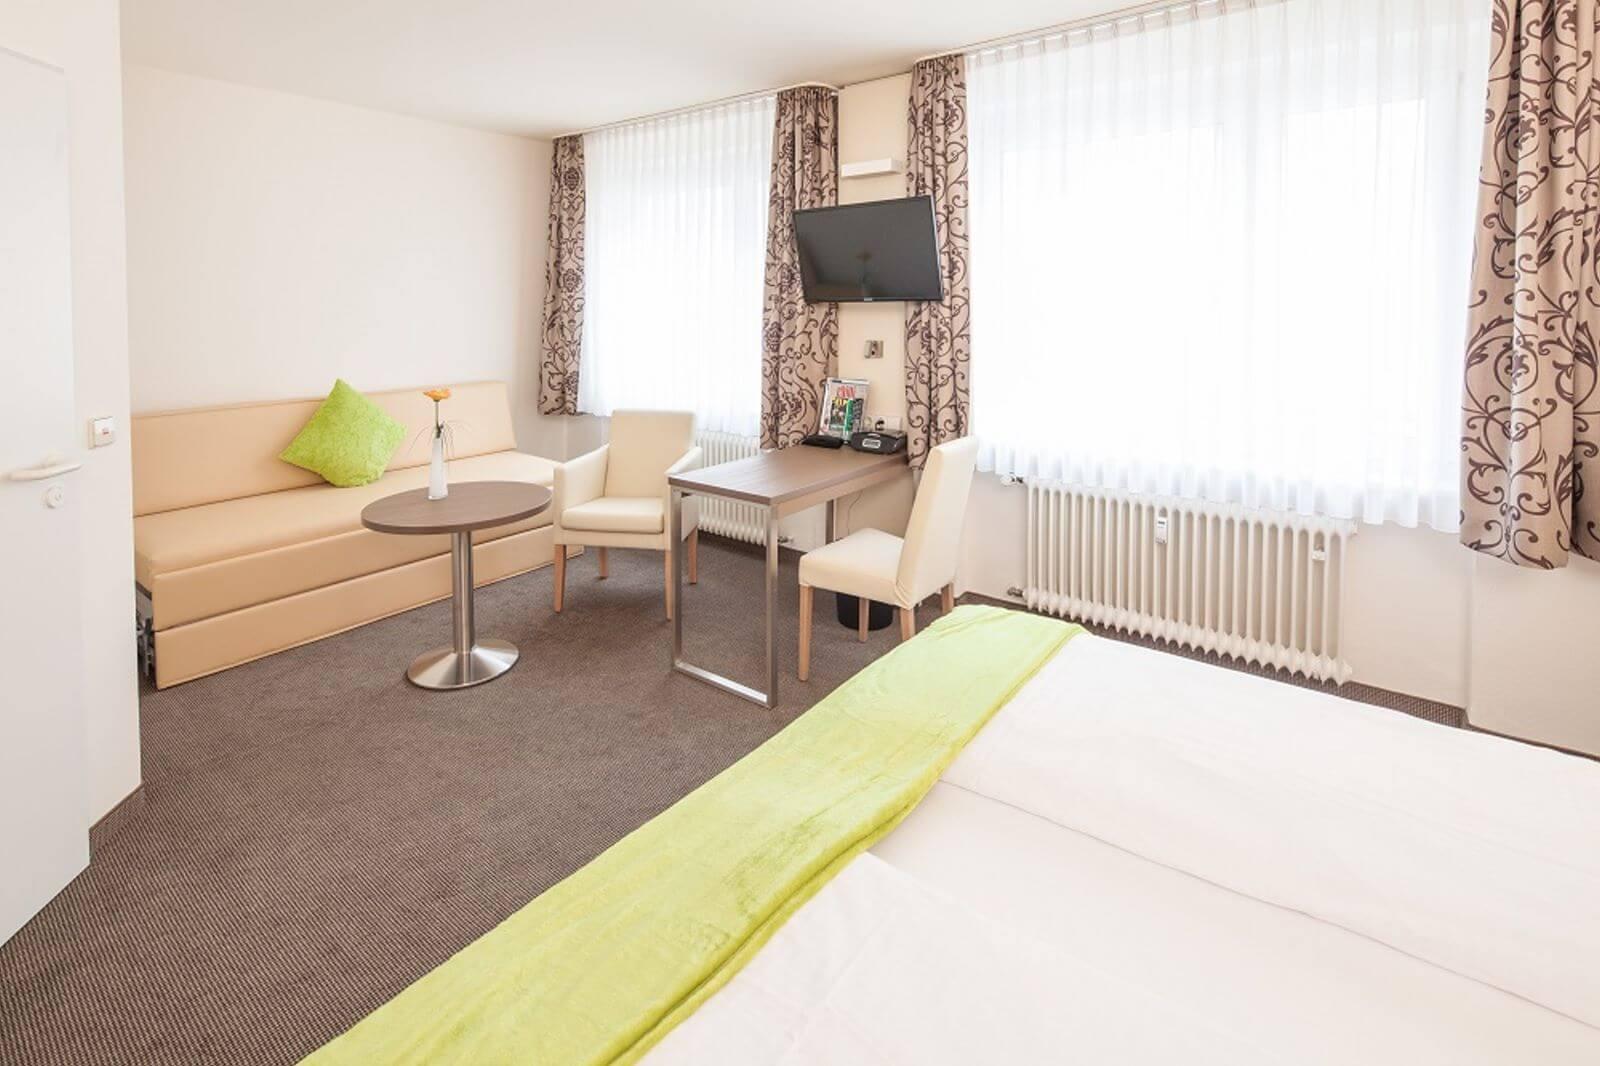 familienzimmer-freibettzimmer-garni-pension-freiburg-cityhotel-innenstadt-guenstig (2)